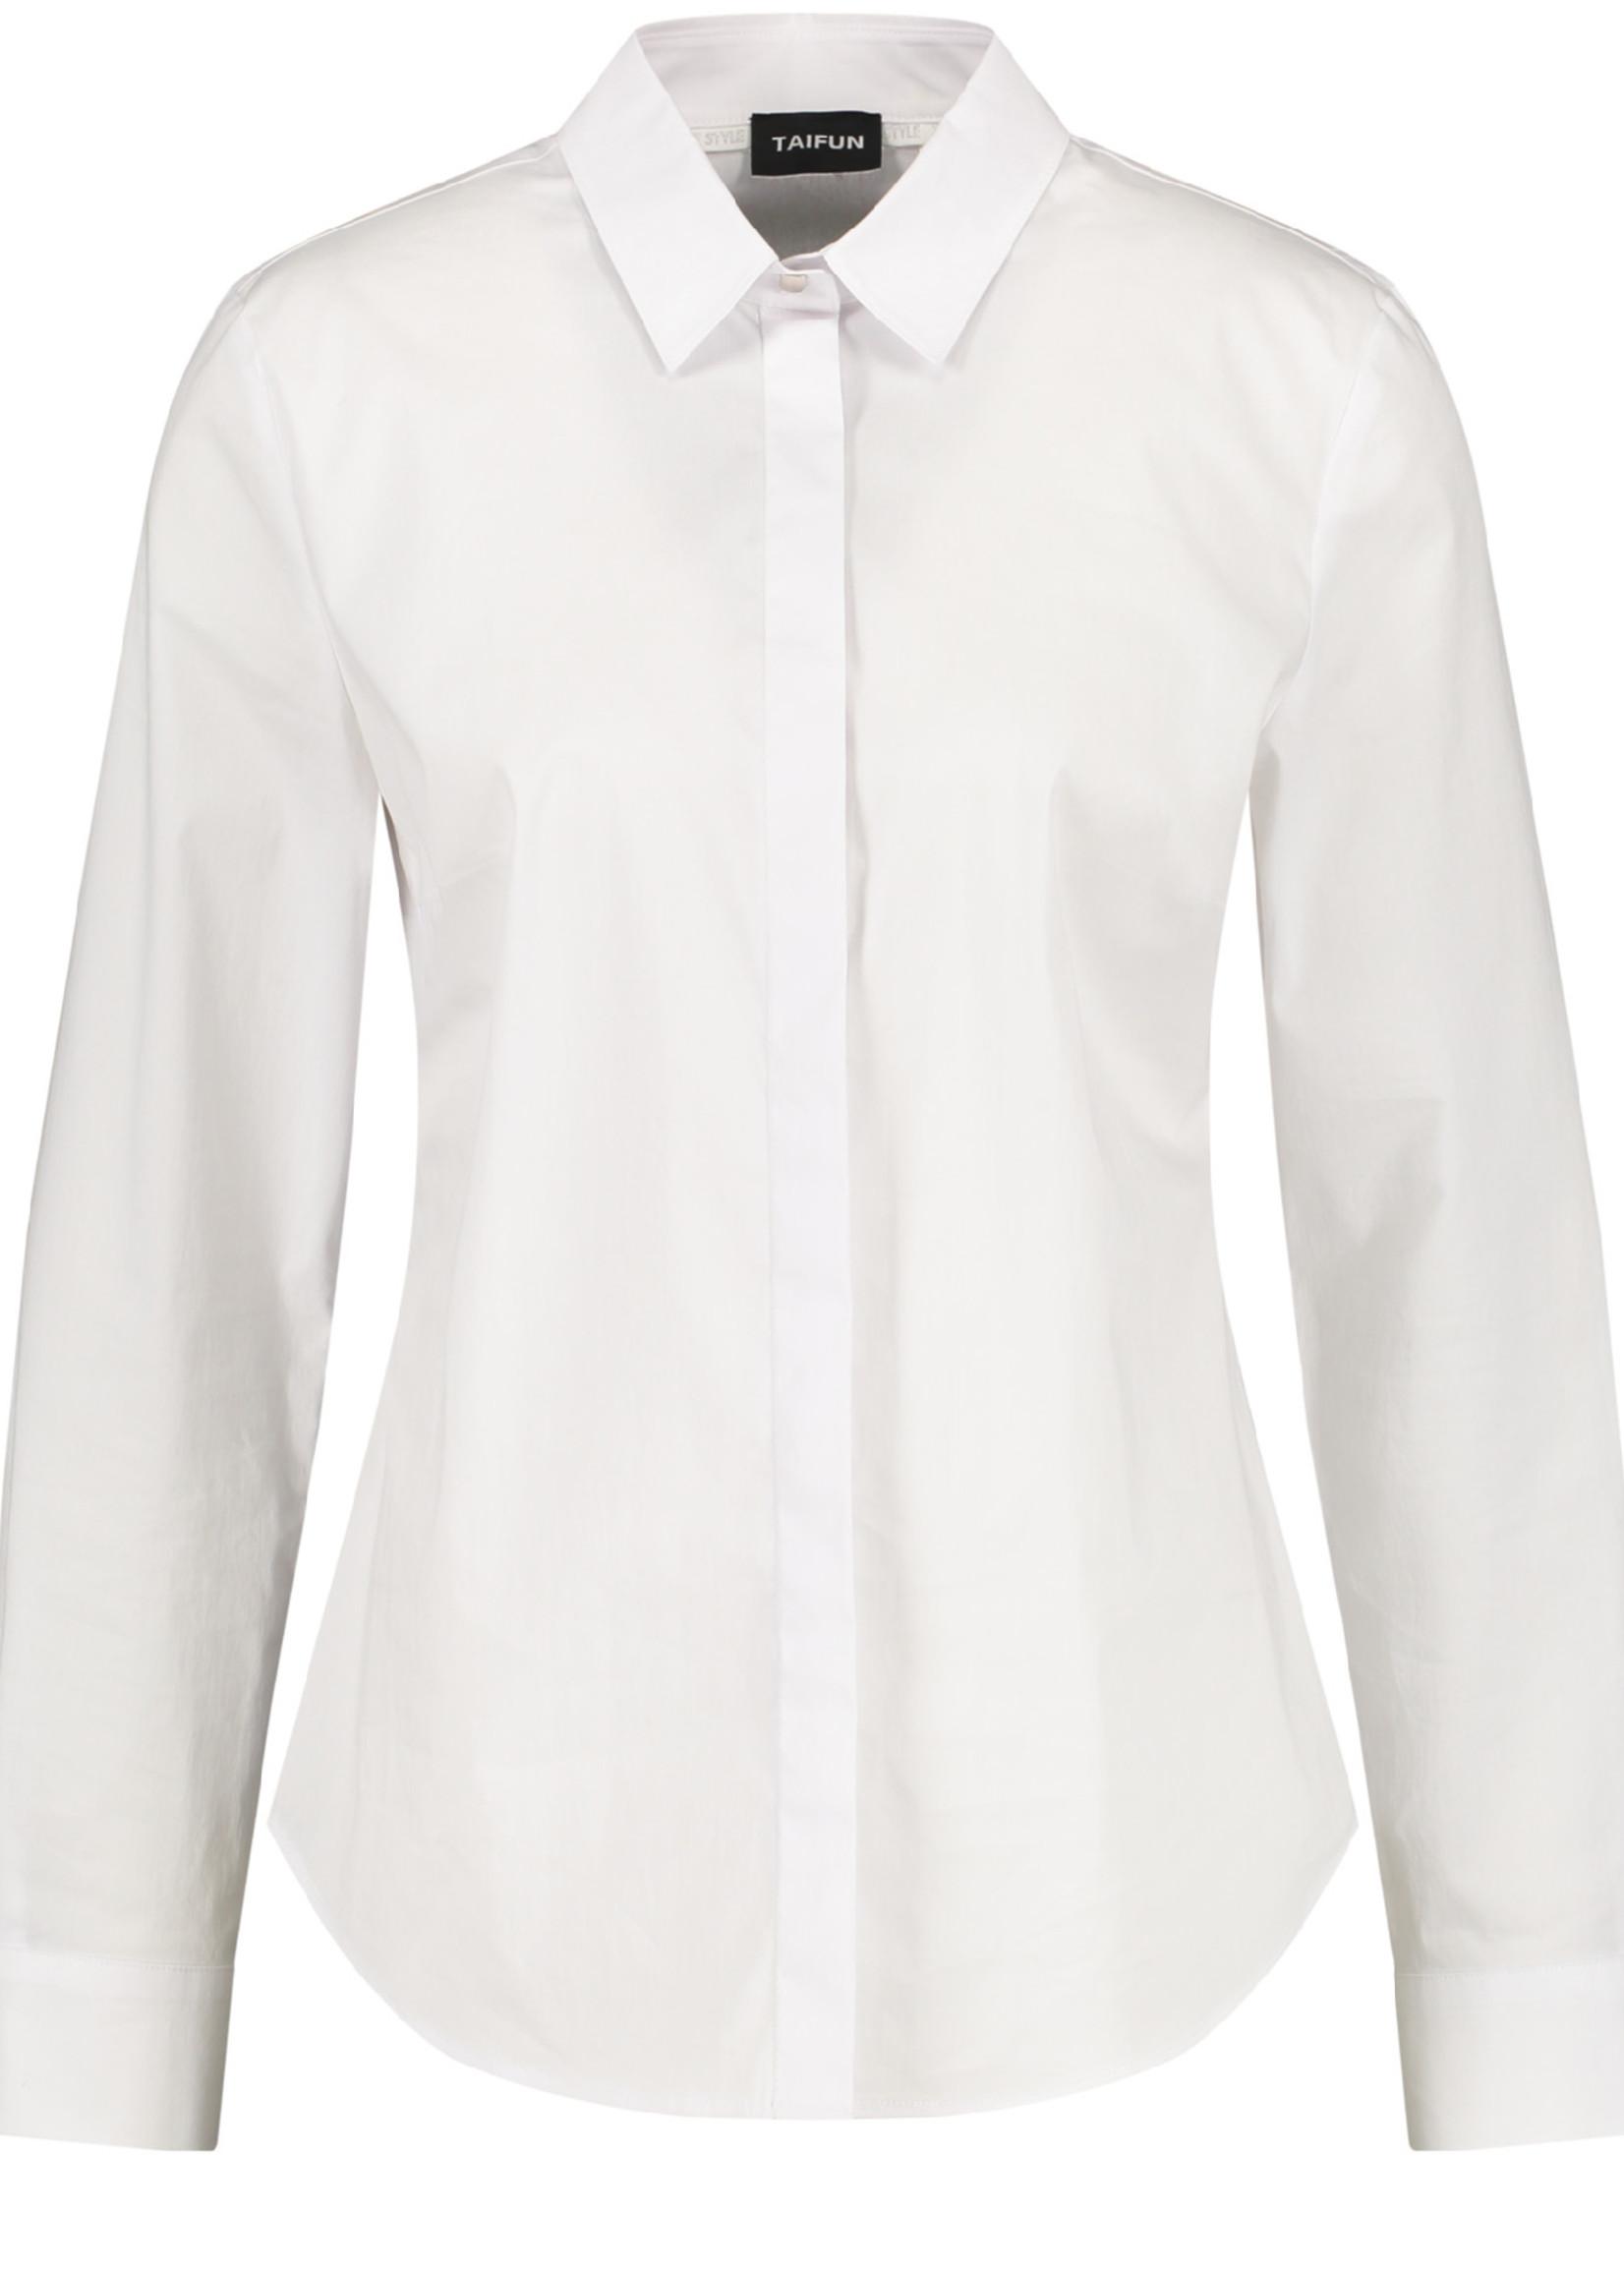 TAIFUN Taifun blouse